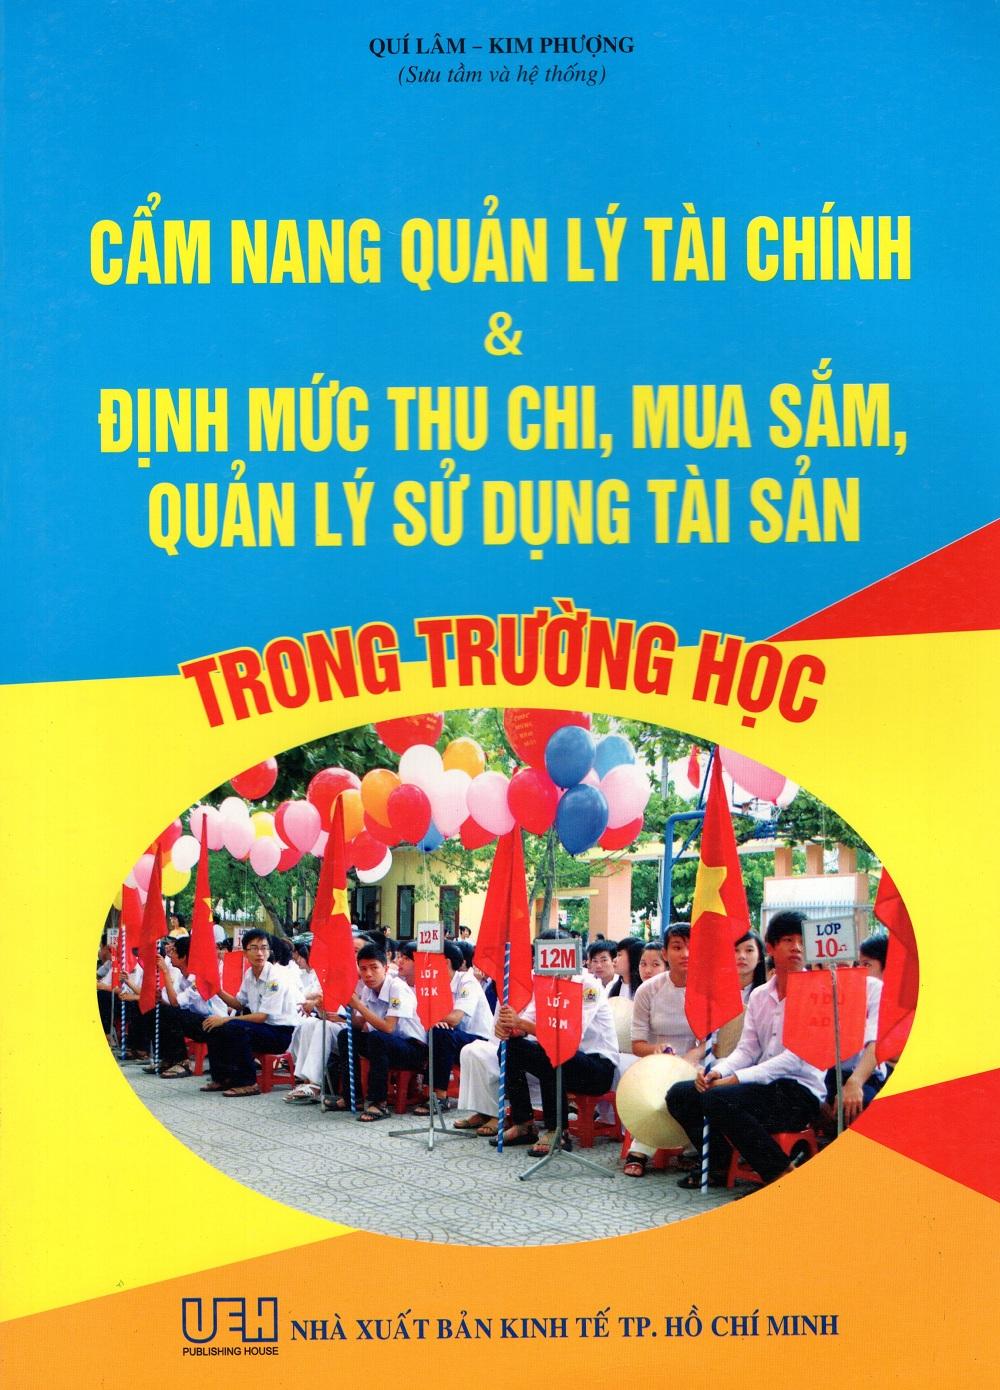 Cẩm Nang Quản Lý Tài Chính  Định Mức Thu Chi, Mua Sắm, Quản Lý Sử Dụng Tài Sản Trong Trường Học - 9786049222054,62_250389,335000,tiki.vn,Cam-Nang-Quan-Ly-Tai-Chinh-Dinh-Muc-Thu-Chi-Mua-Sam-Quan-Ly-Su-Dung-Tai-San-Trong-Truong-Hoc-62_250389,Cẩm Nang Quản Lý Tài Chính  Định Mức Thu Chi, Mua Sắm, Quản Lý Sử Dụng Tài Sản Trong Trường Học